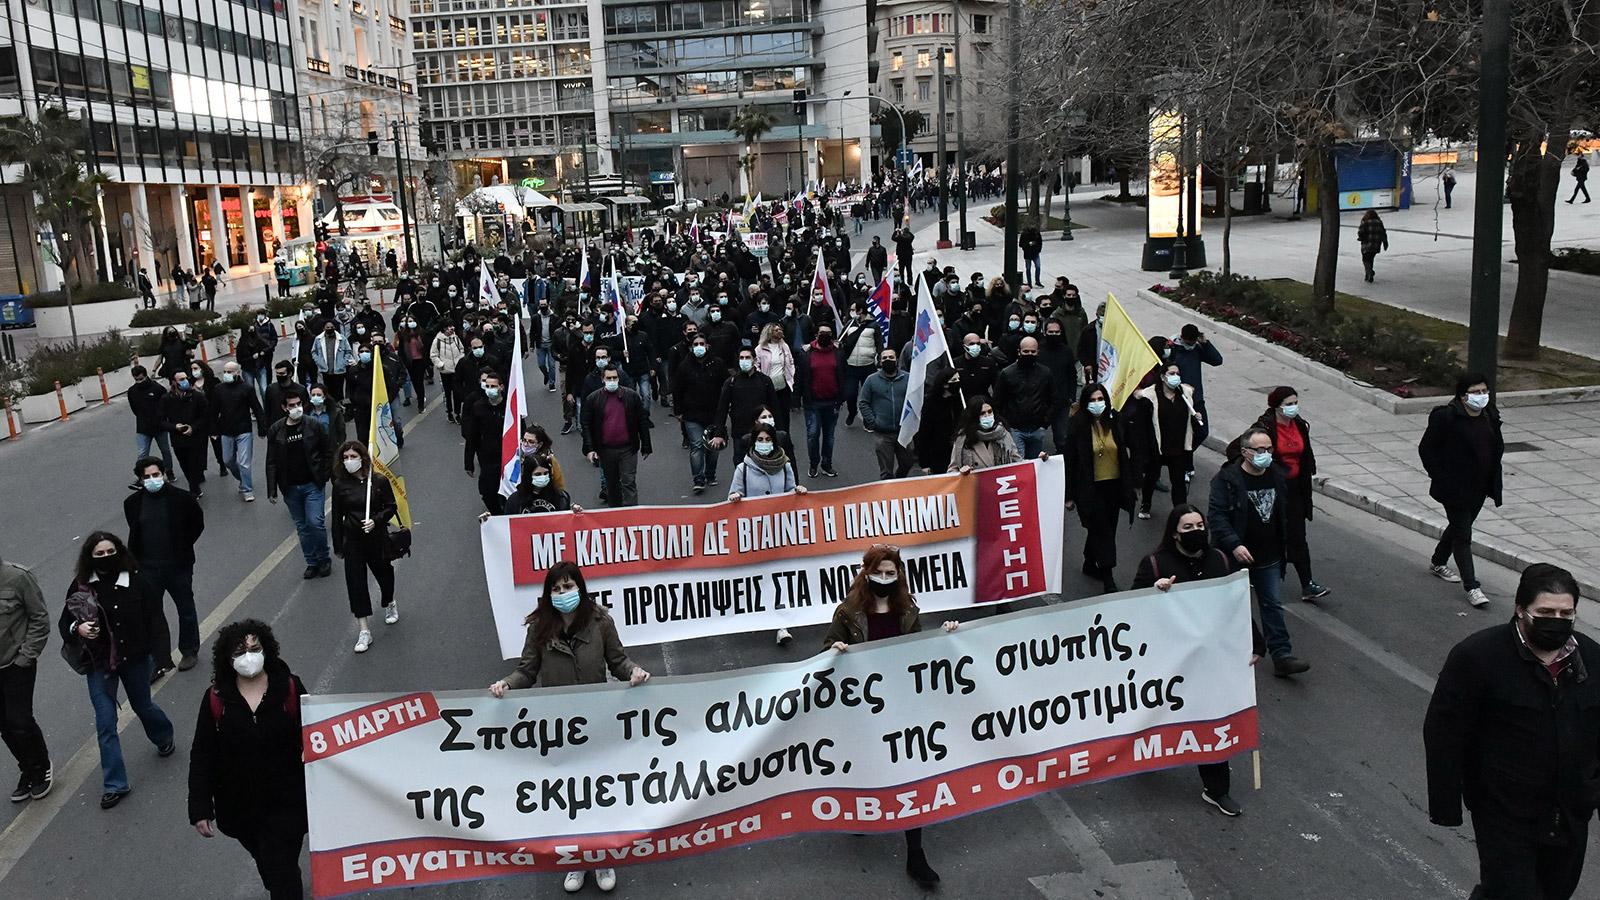 Μεγάλη Συγκέντρωση στην Αθήνα για την 8η Μάρτη – Παγκόσμια Ημέρα της Γυναίκας(ΦΩΤΟ-VIDEO)